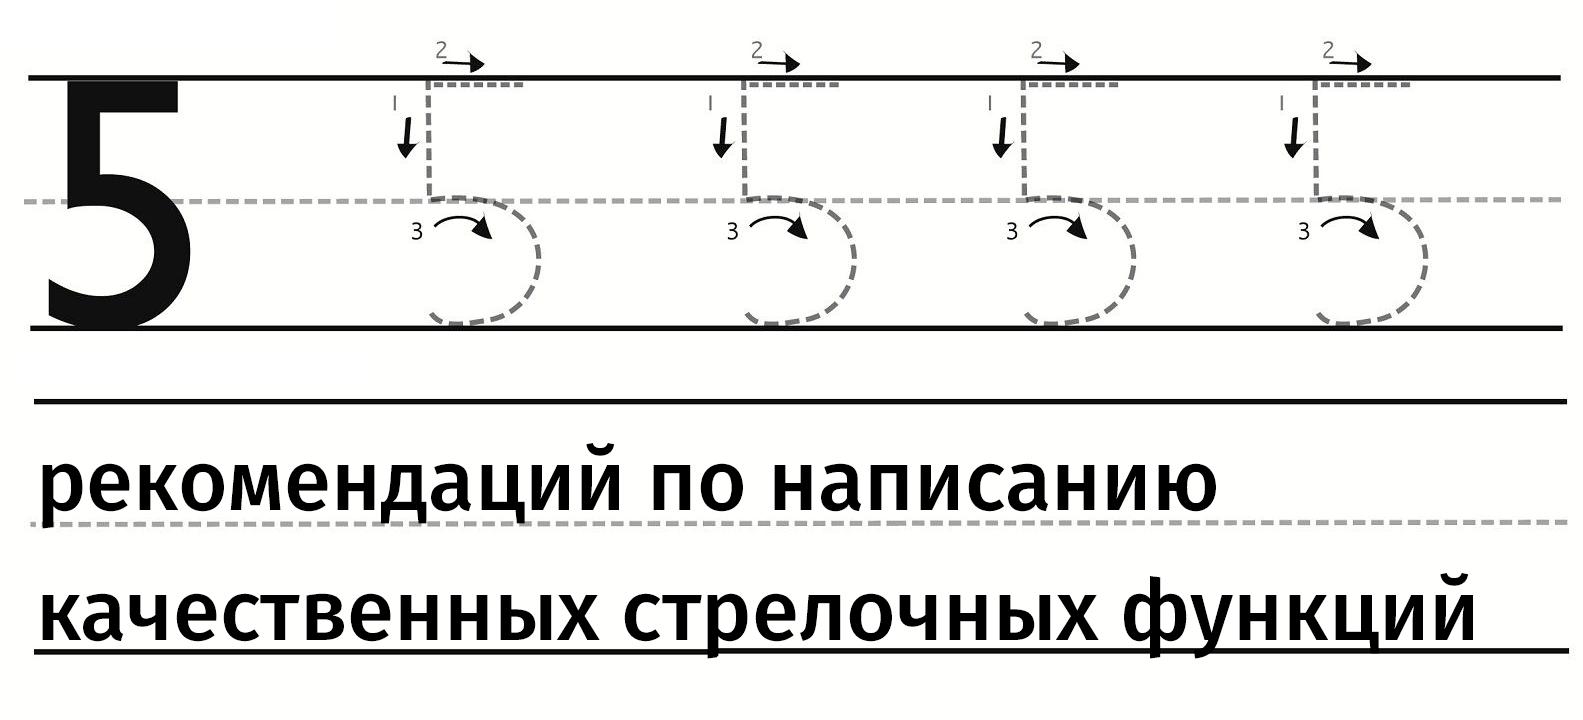 [Перевод] 5 рекомендаций по написанию качественных стрелочных функций